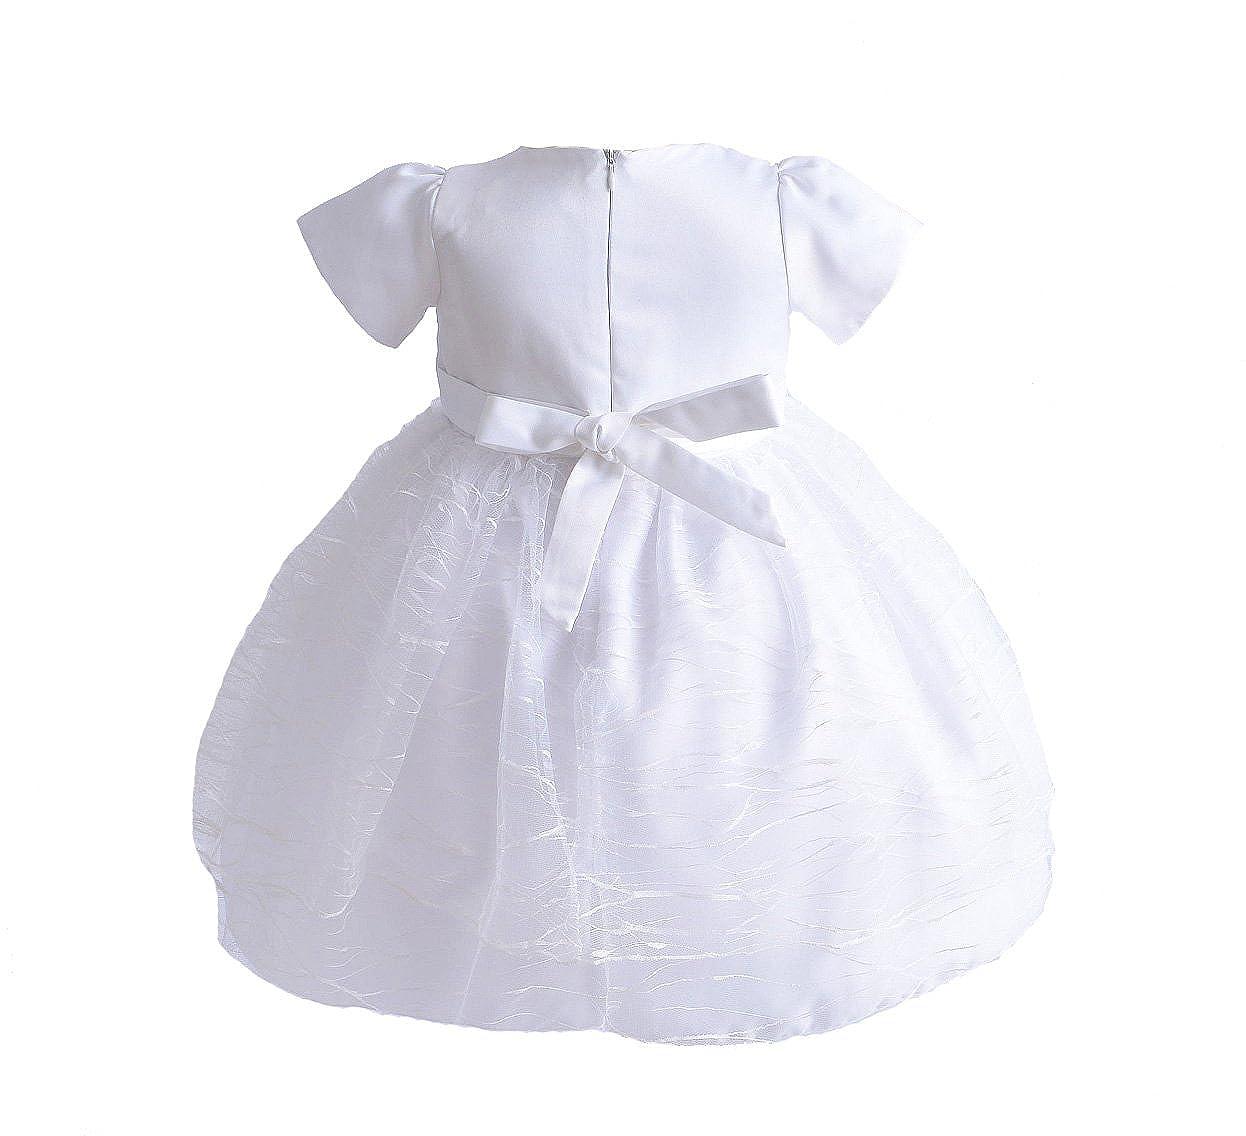 da01809de9901 Cinda Robe de fête   baptême  Amazon.fr  Vêtements et accessoires